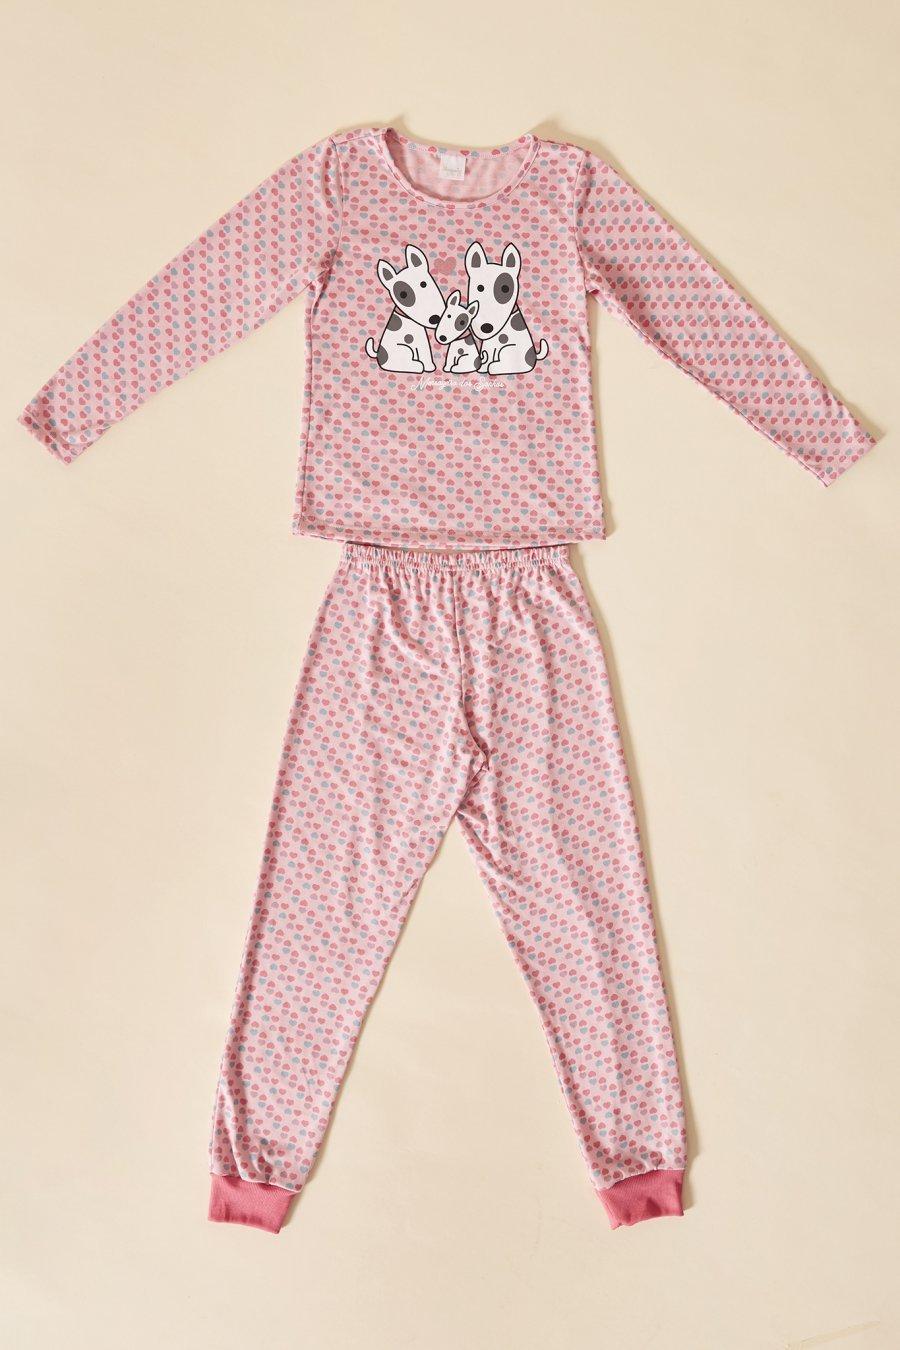 LANÇAMENTO Pijama Infantil 1/2 Malha Duo Love Mensageira da Paz Inverno 21